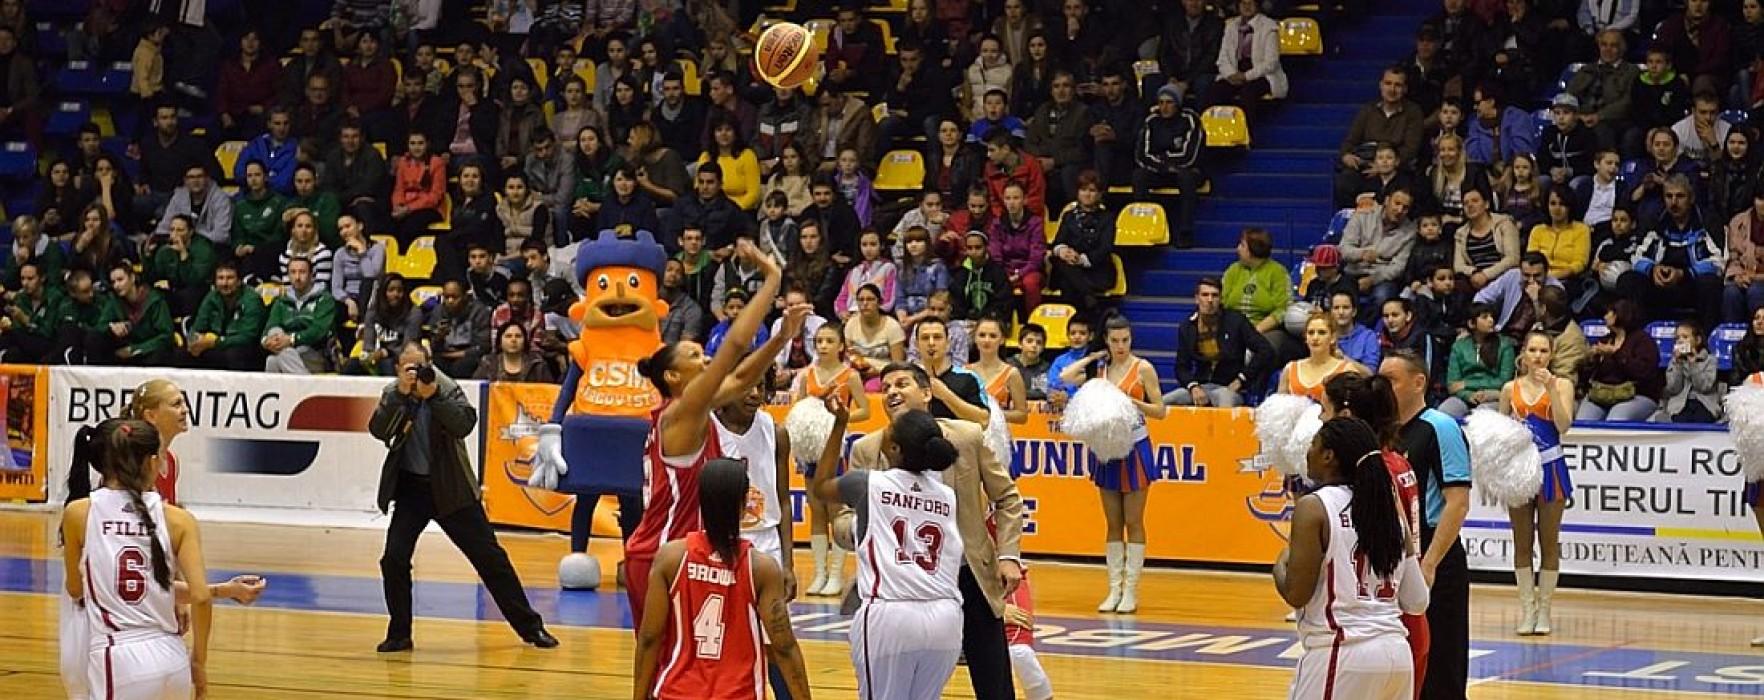 Sud-Nord, scor 68-61, în All Star Game la baschet feminin de la Târgovişte (video)